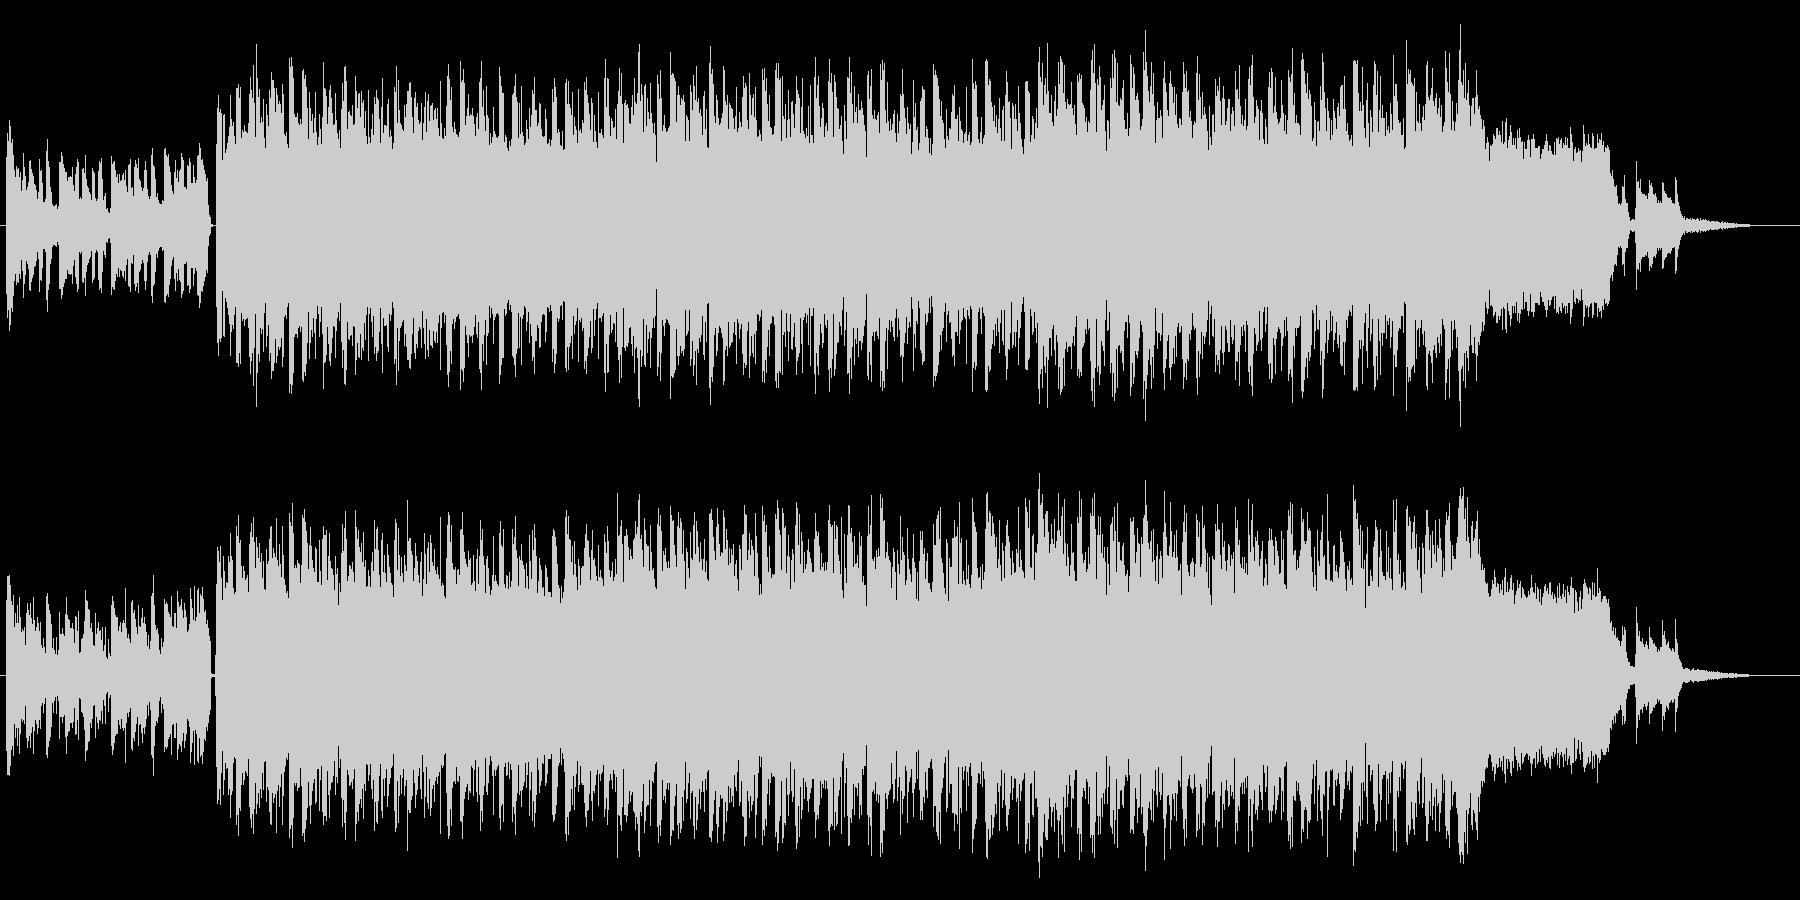 エレクトロニカ&ロックなエレキギターの未再生の波形